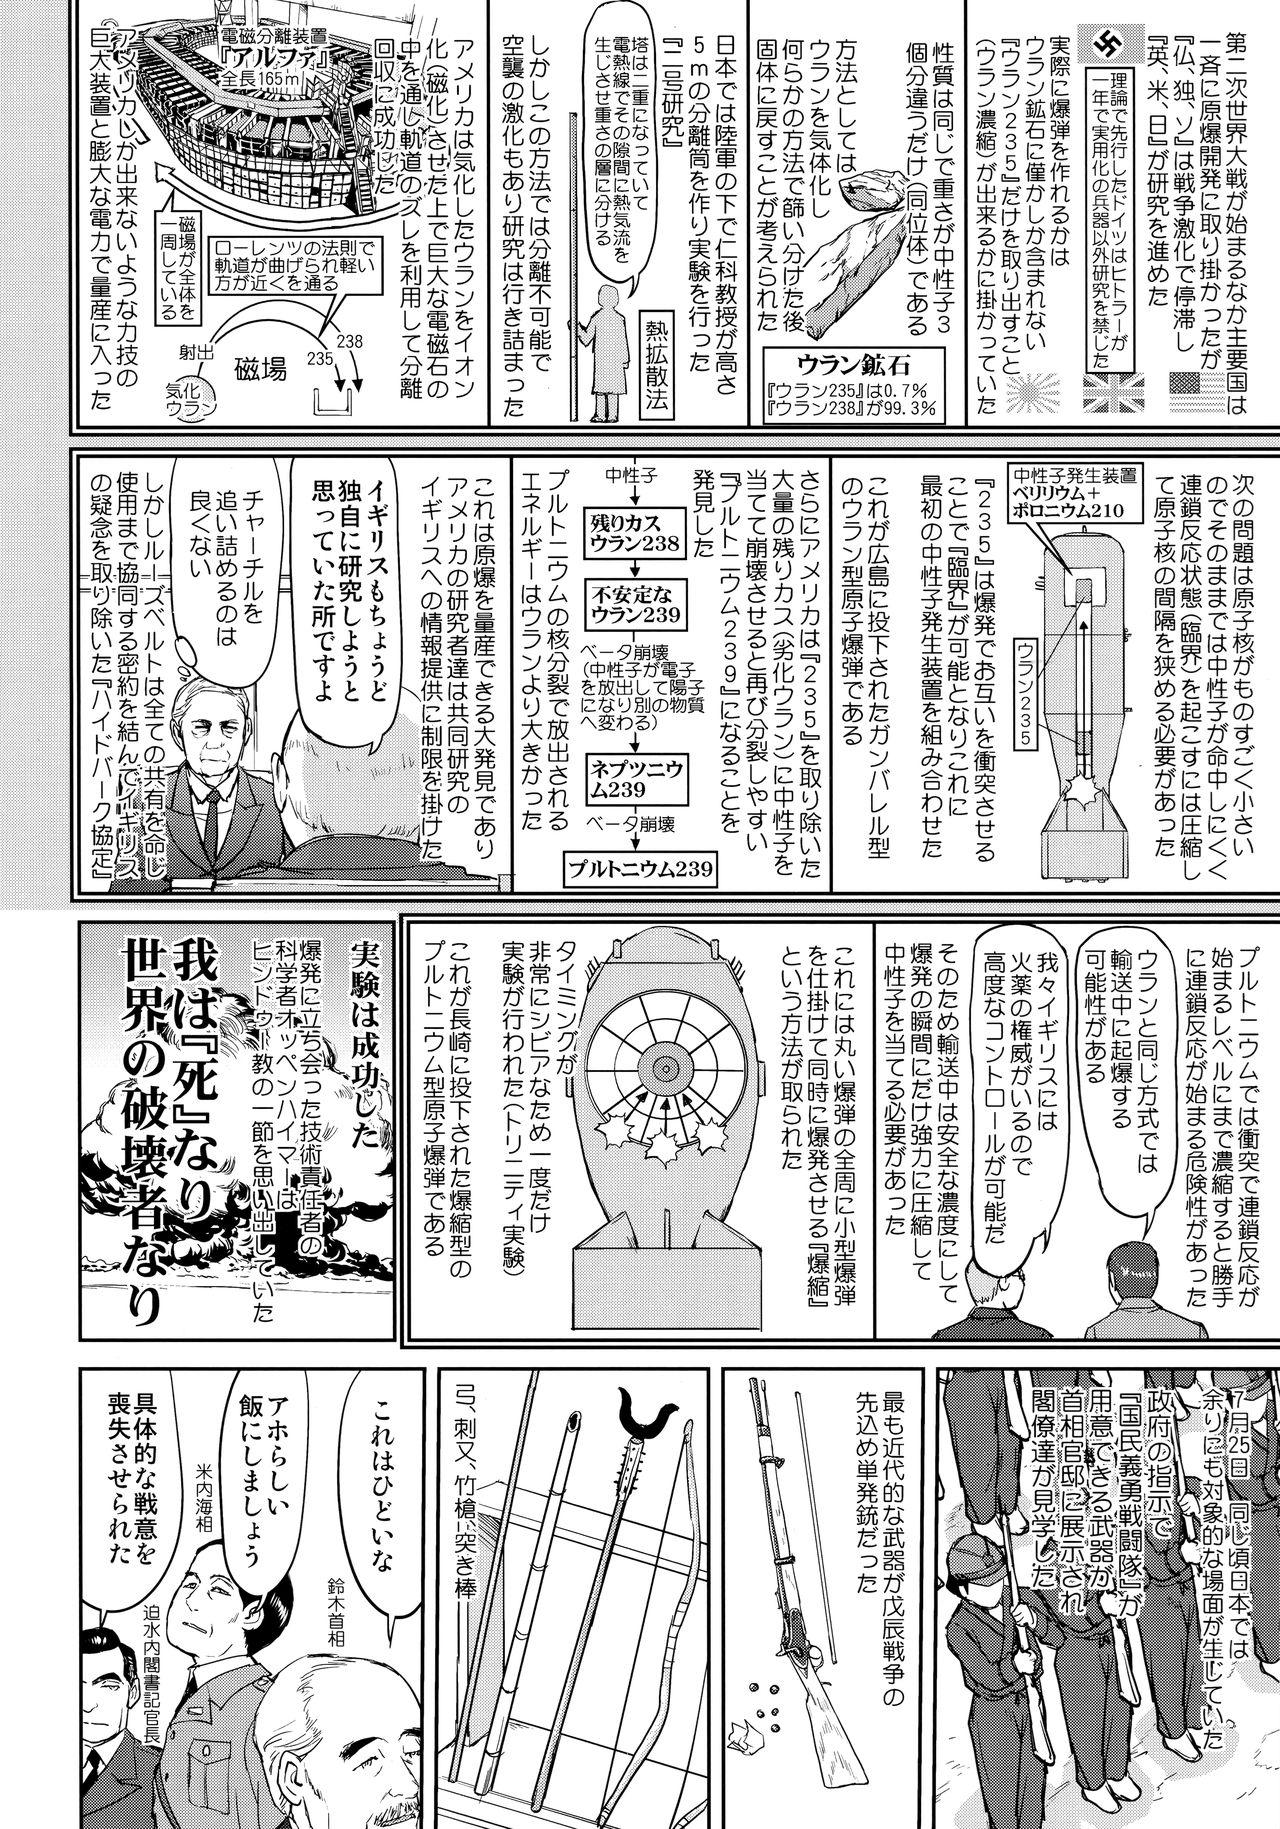 Teitoku no Ketsudan Kanmusu no Ichiban Nagai Hi 42